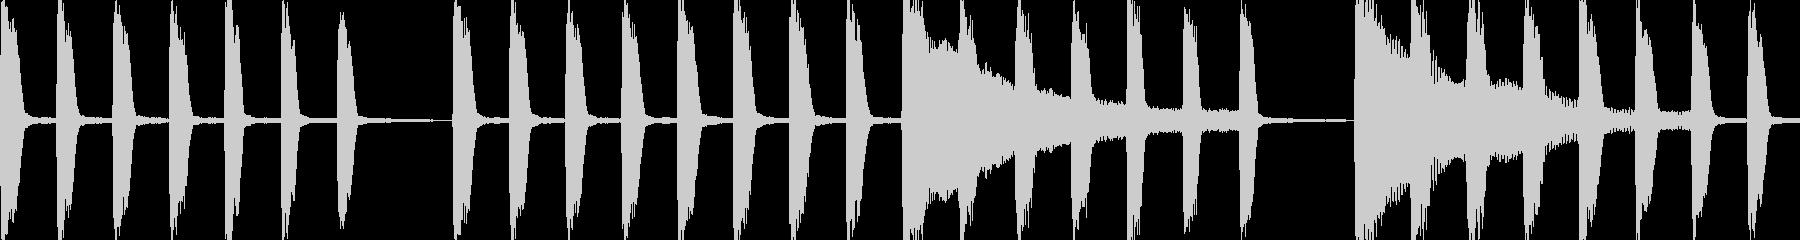 サスペンスなピアノ劇伴_ループの未再生の波形